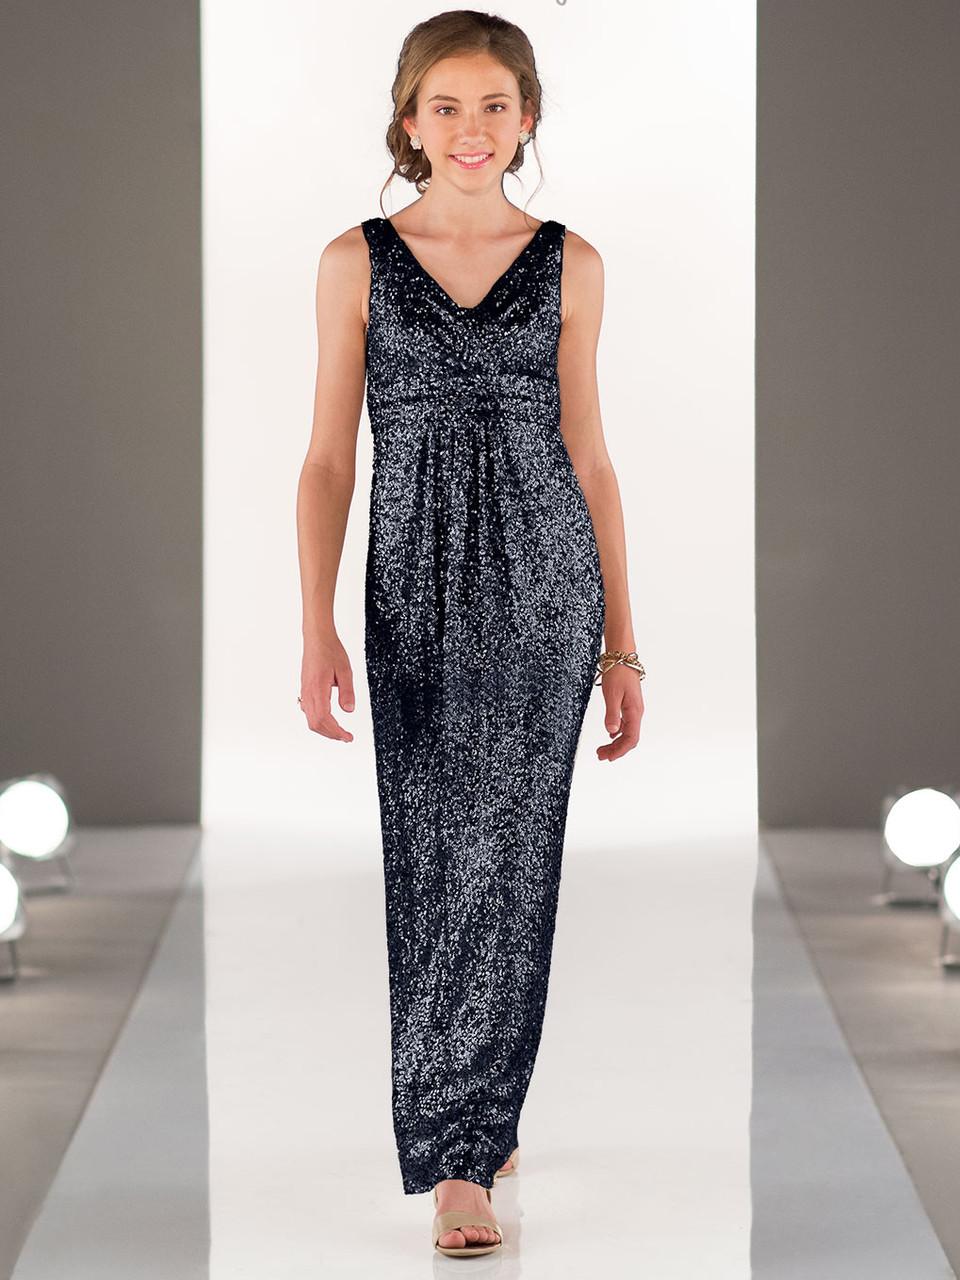 02a11a076bc Sorella Vita J4012 Sequin V-neck Juniors Bridesmaid Dress ...